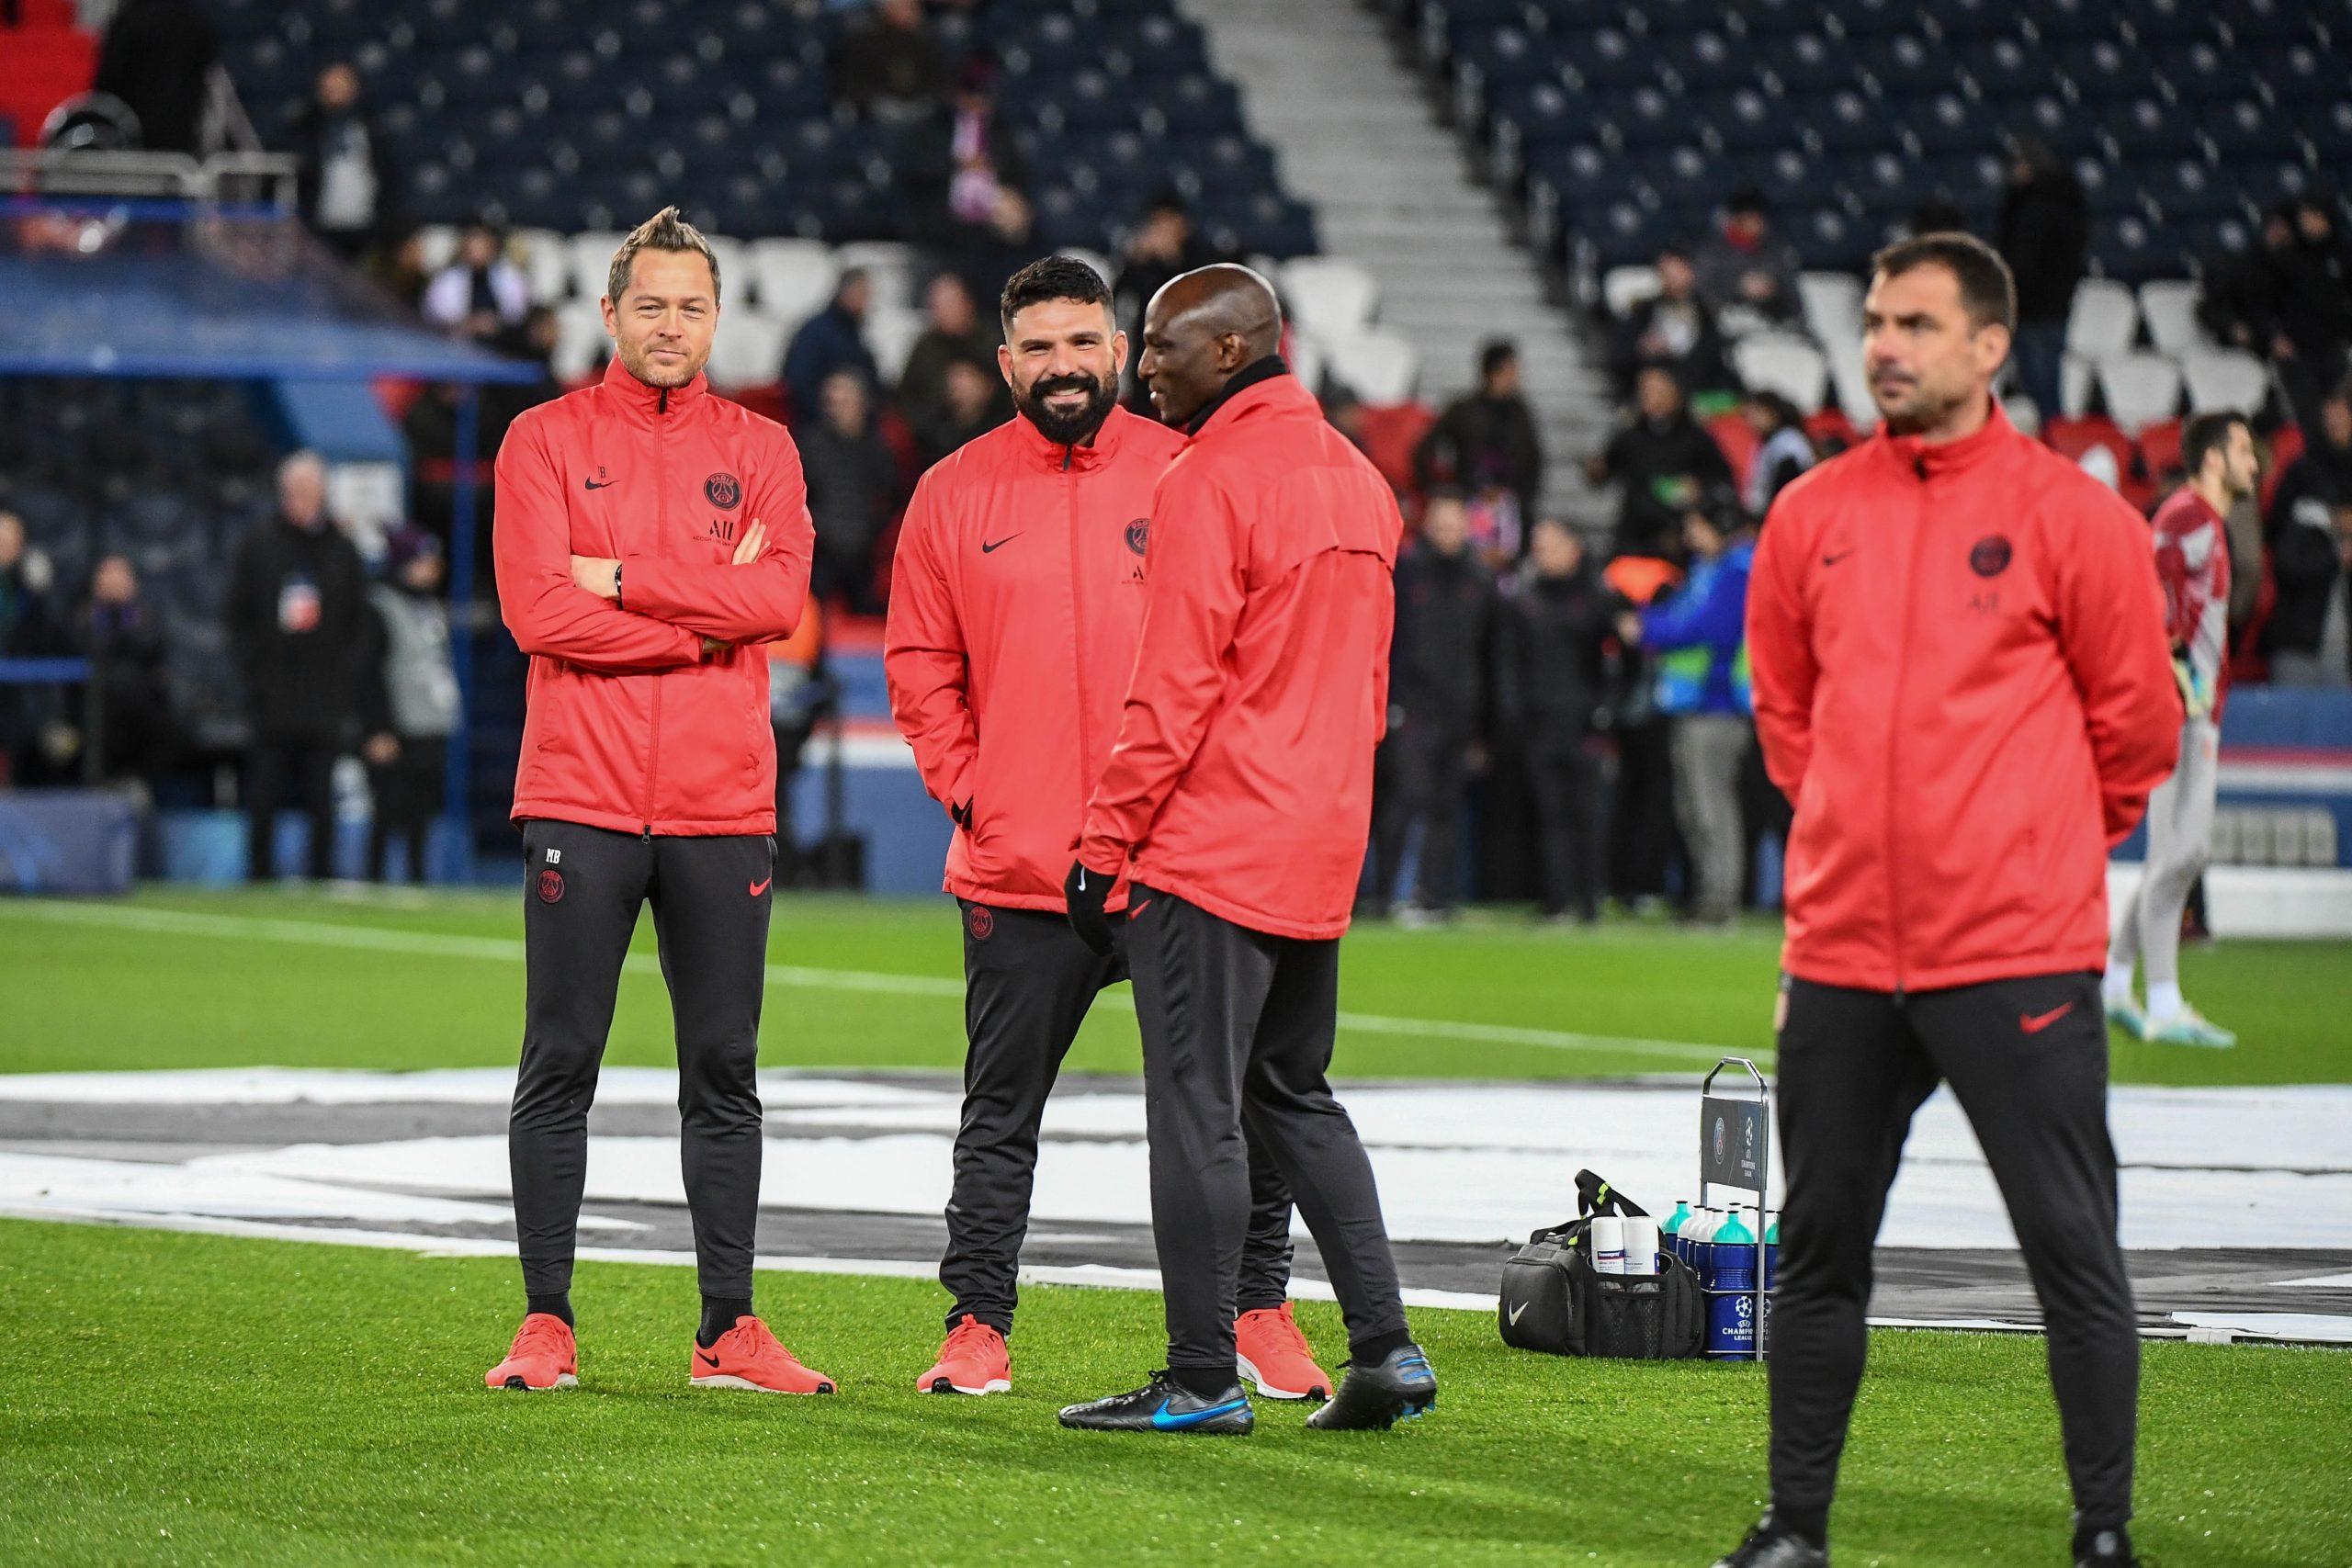 RMC Sport confirme les changements dans le staff médical du PSG